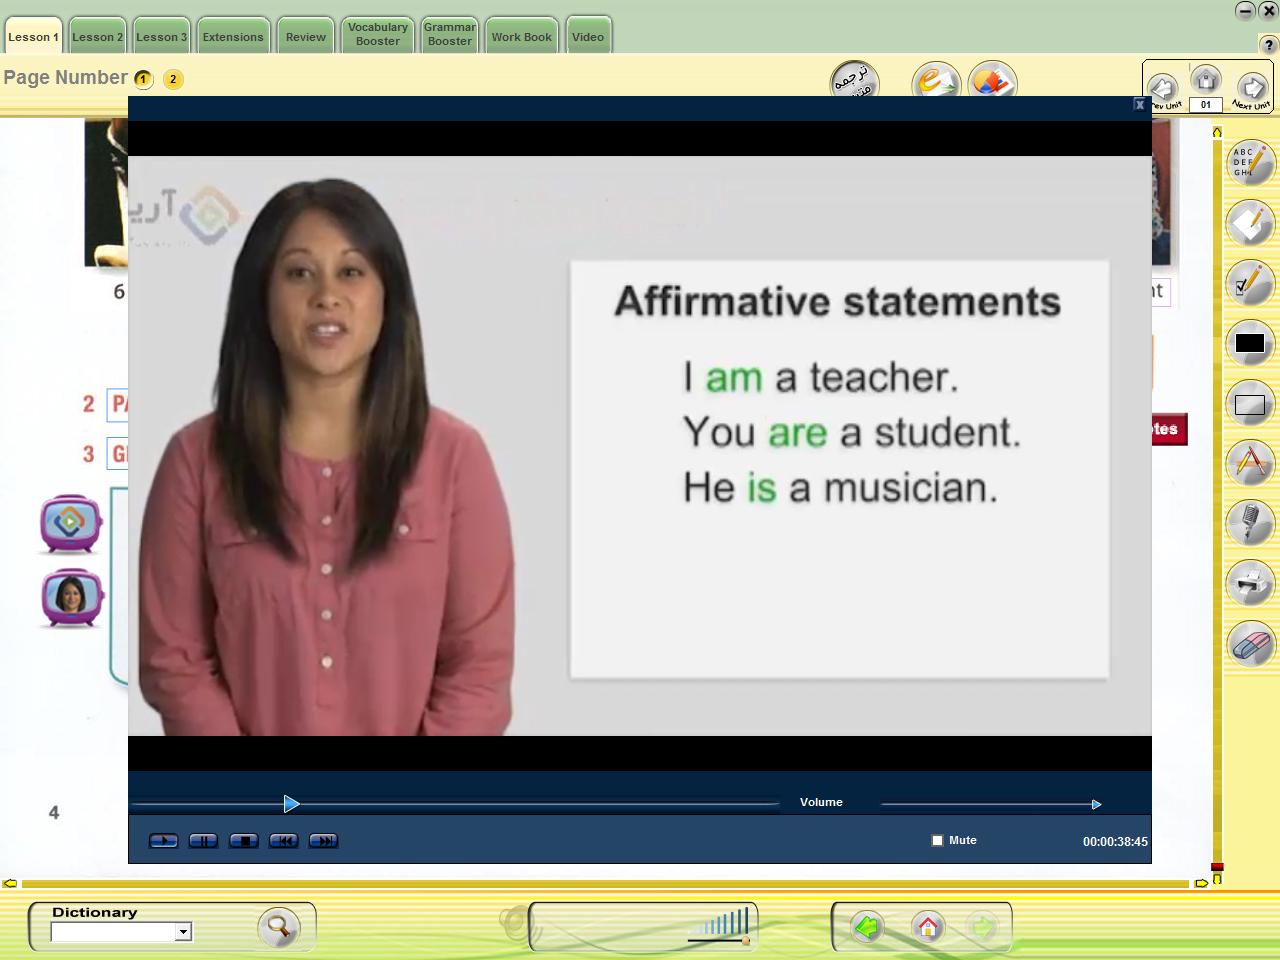 انگلیسی بدون توقف 2-نسخه کامل